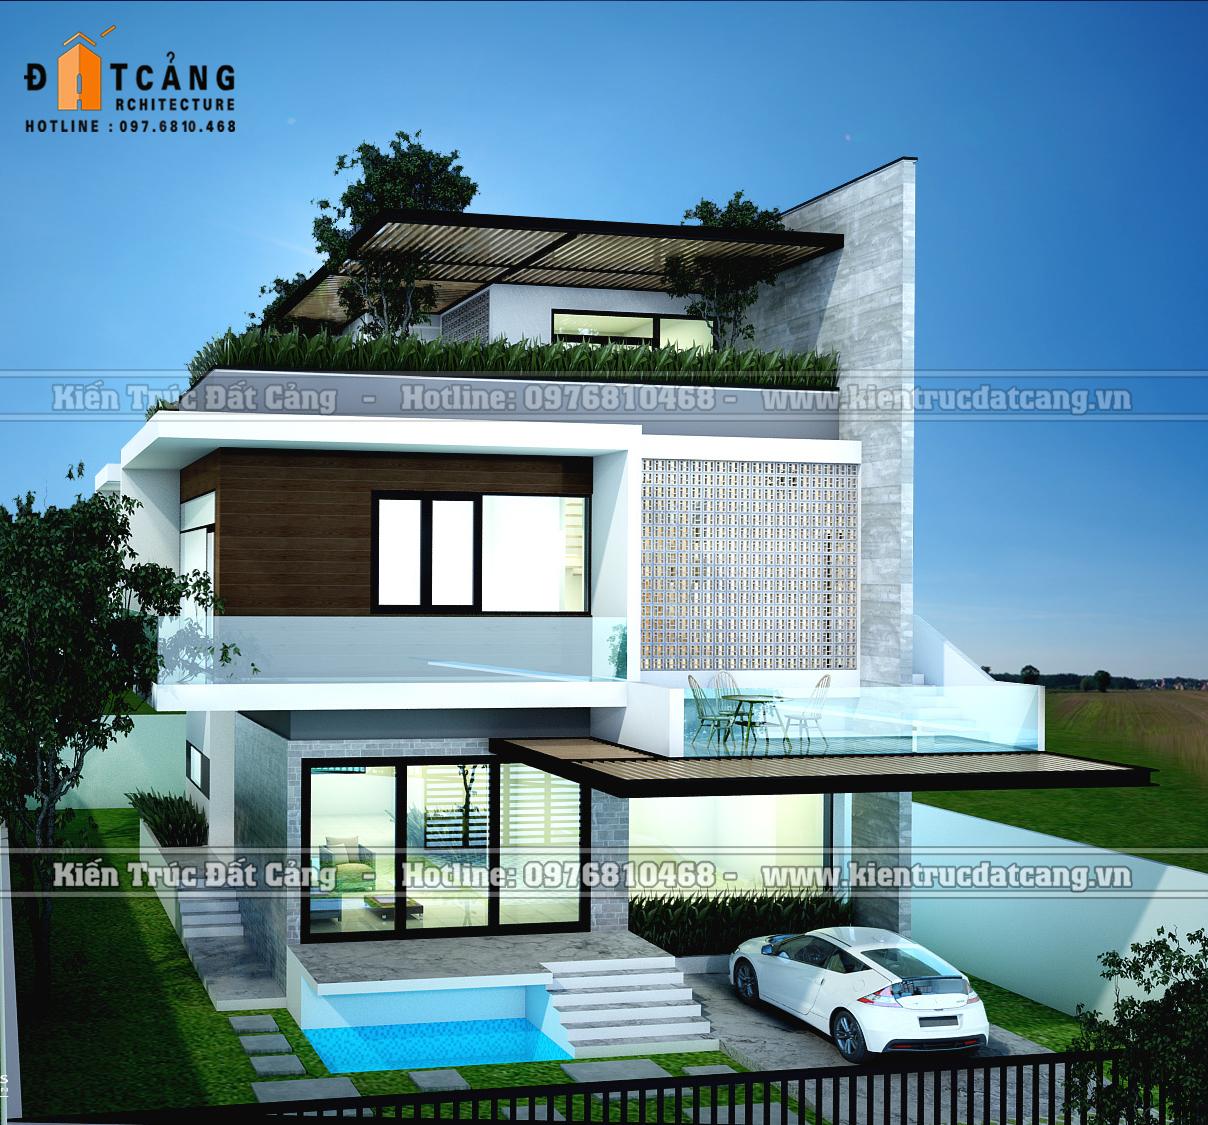 Công ty chuyên thiết kế biệt thự đẹp và uy tín tại Hải Phòng